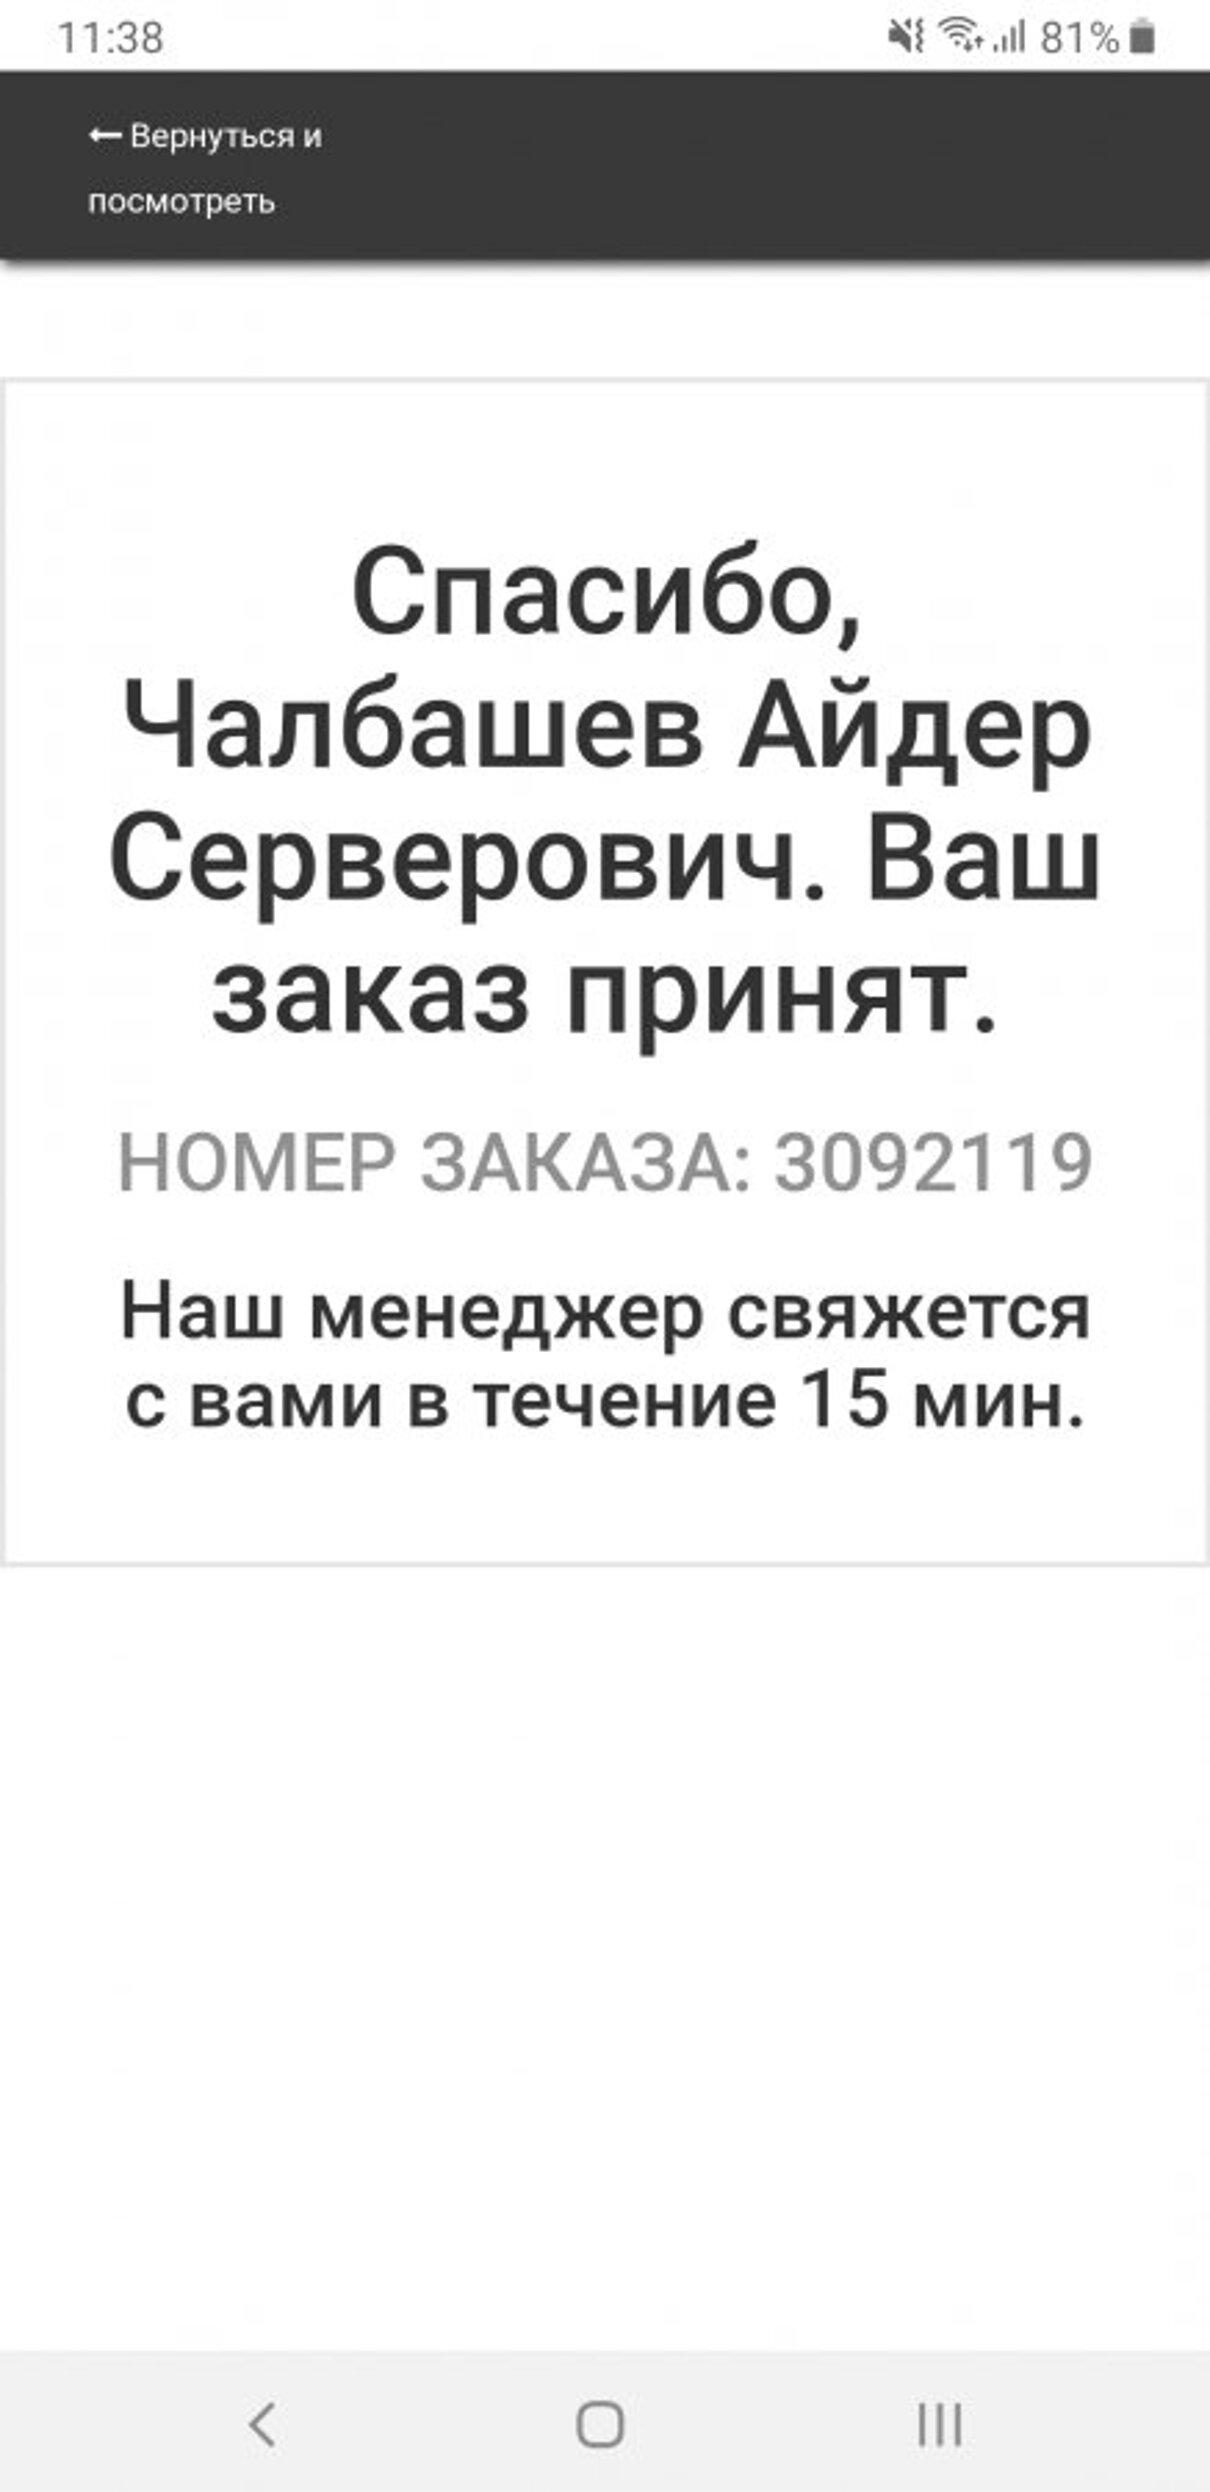 Жалоба-отзыв: ИП Горчаков В И . ОГРНИП 313695230200062 - Несоответствие заказа полученному товару.  Фото №3